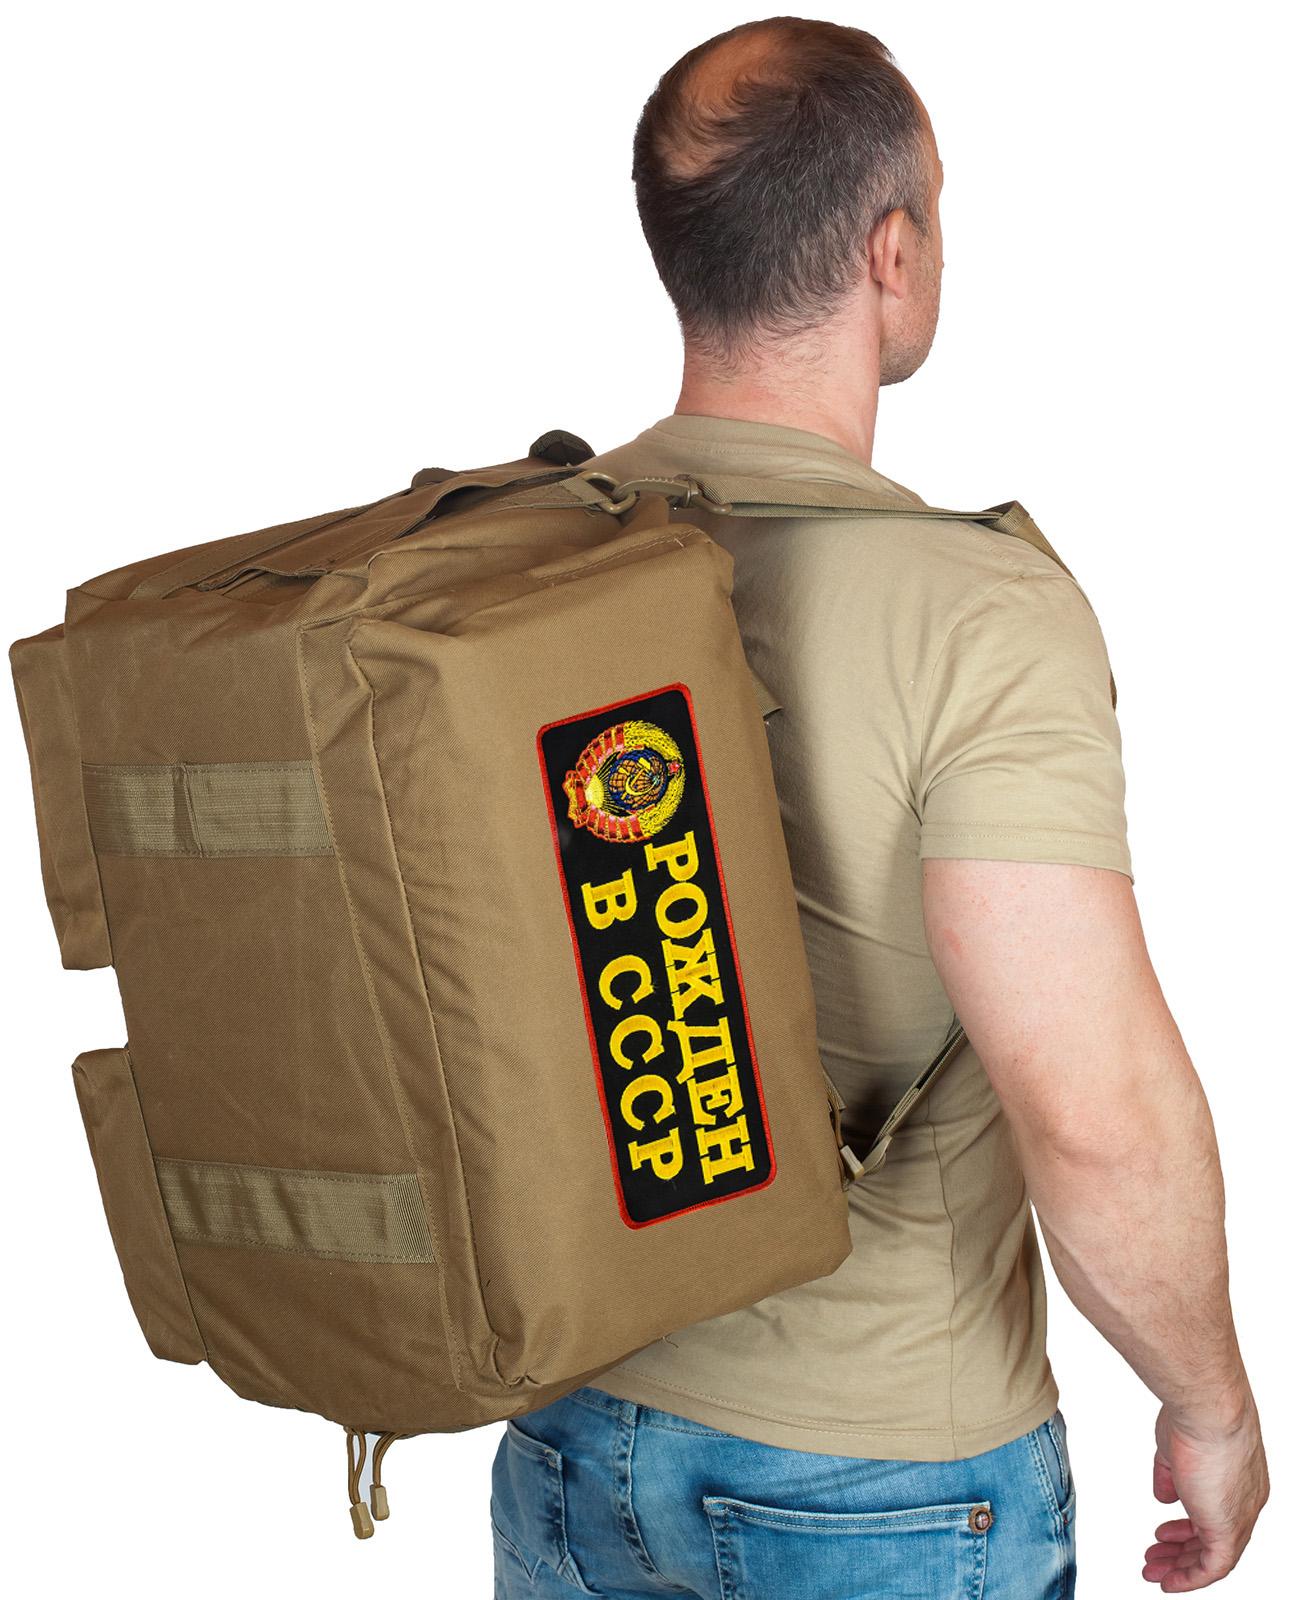 Купить походную мужскую сумку с нашивкой Рожден в СССР по выгодной цене